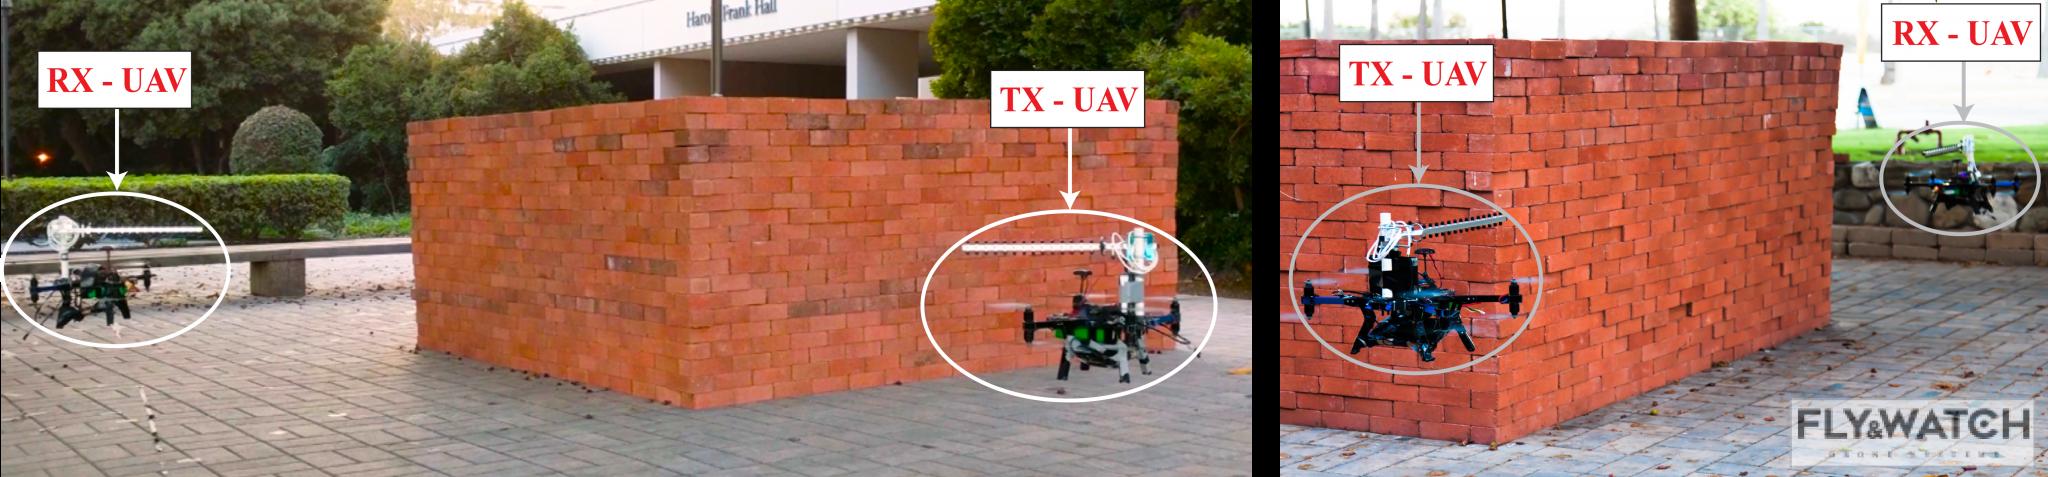 Z pomocą dronów i Wi-Fi można zobrazować budynki oraz ich wnętrze w 3D